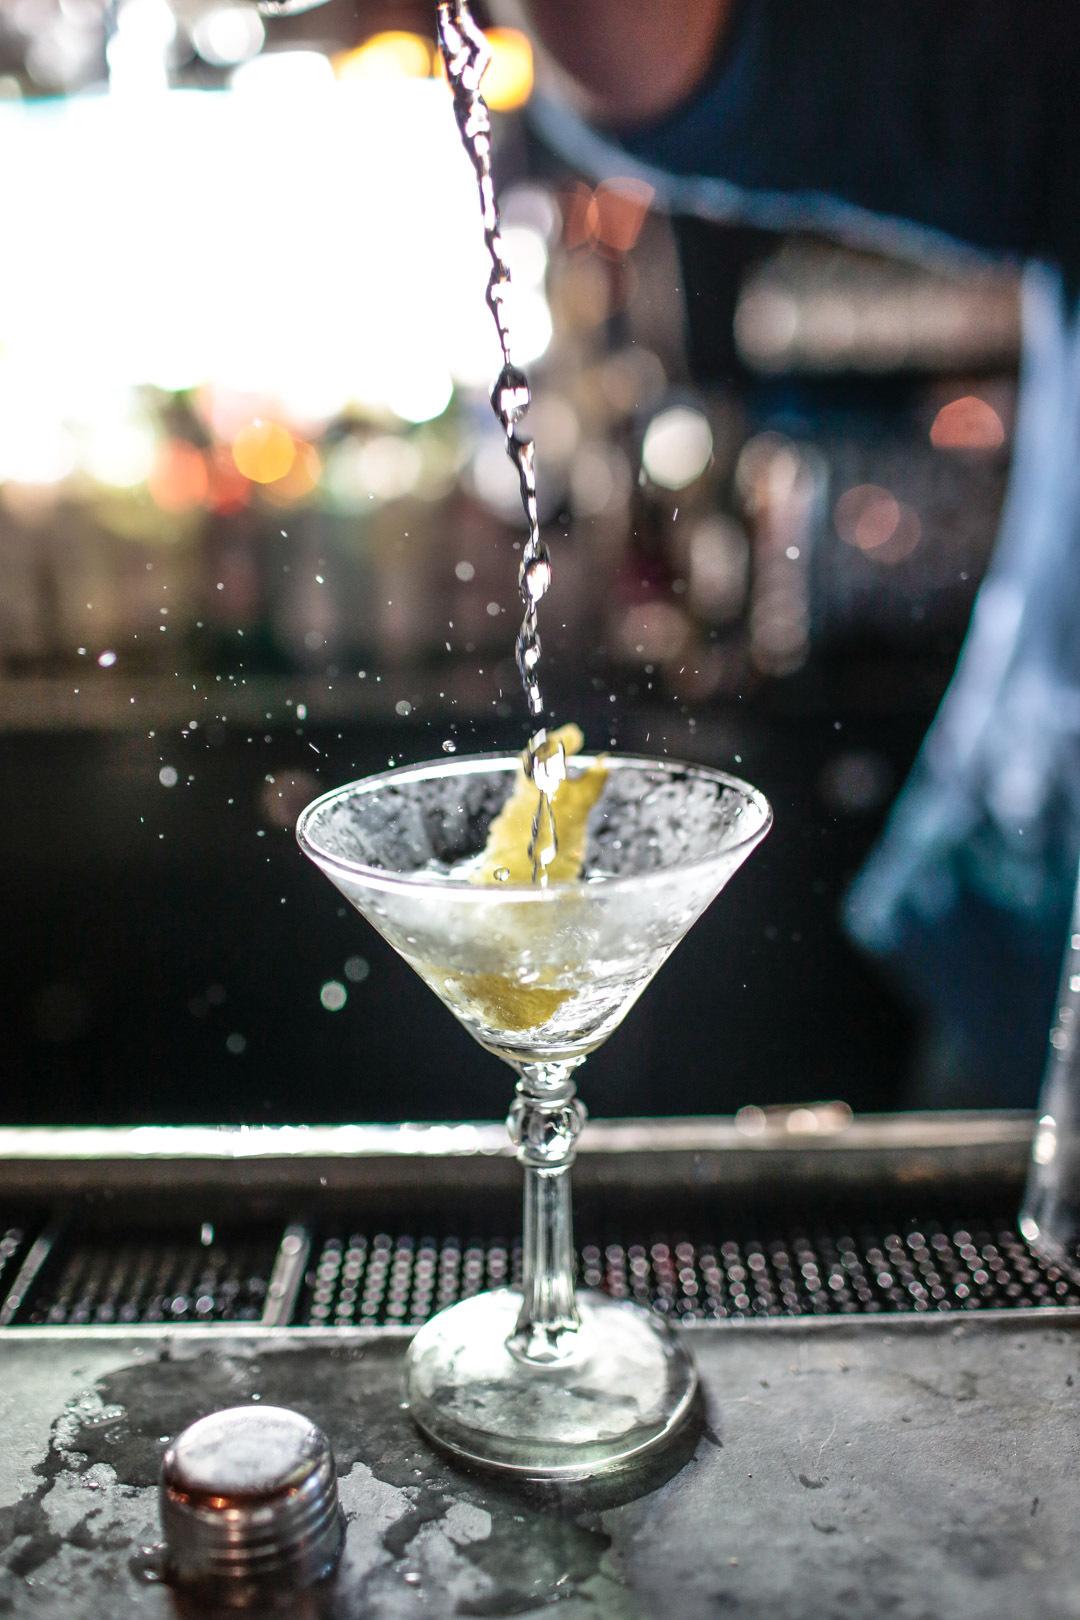 Cocktails at Fresno.